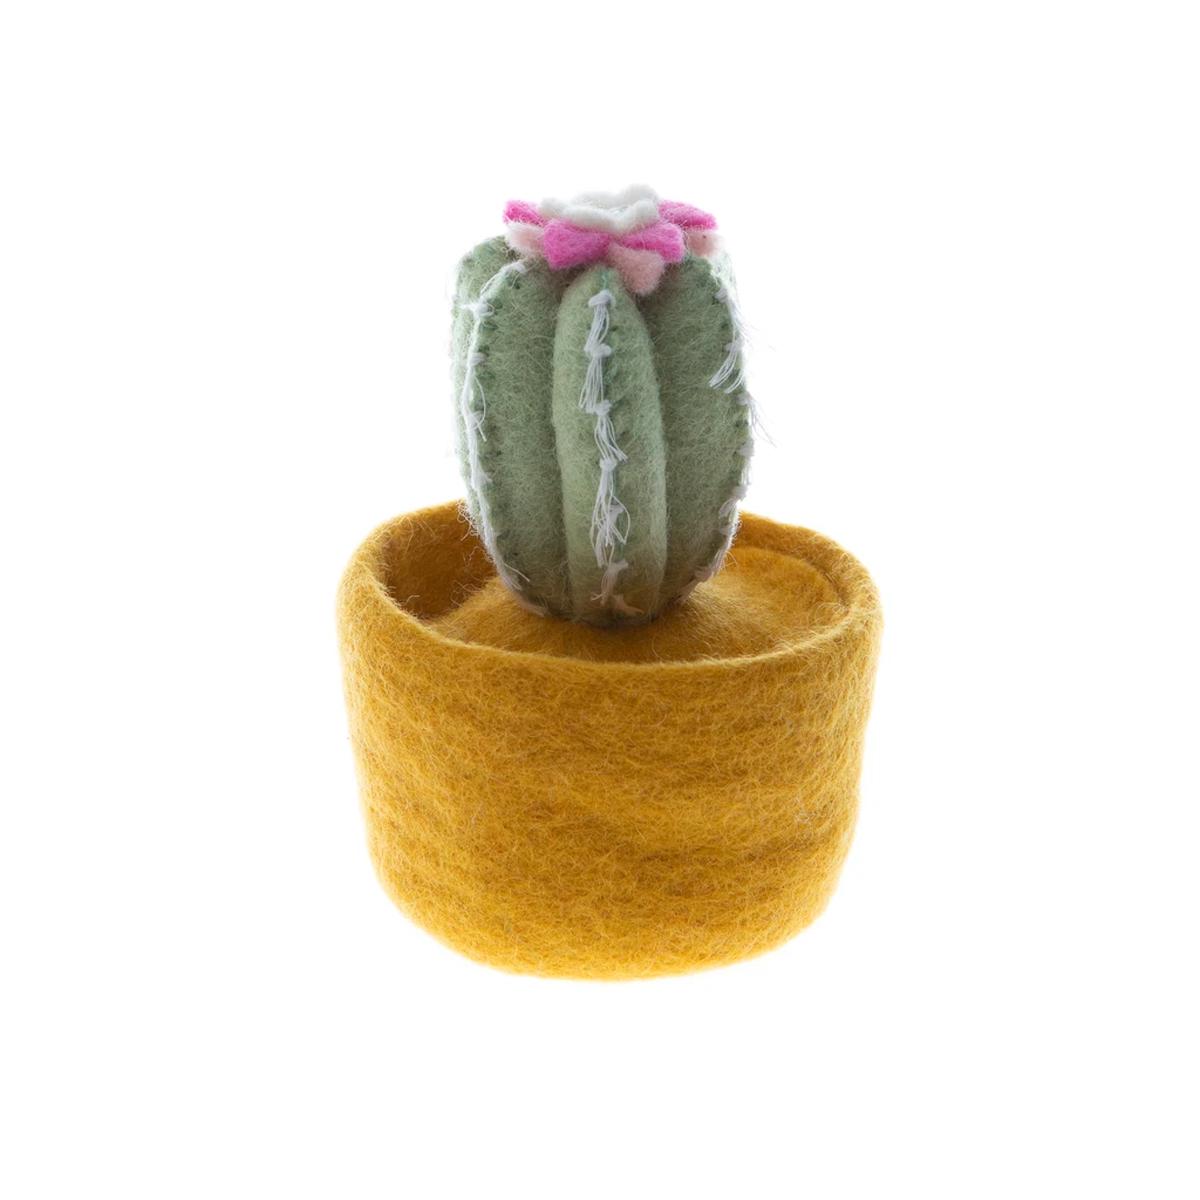 global goods partners cactus yellow pot